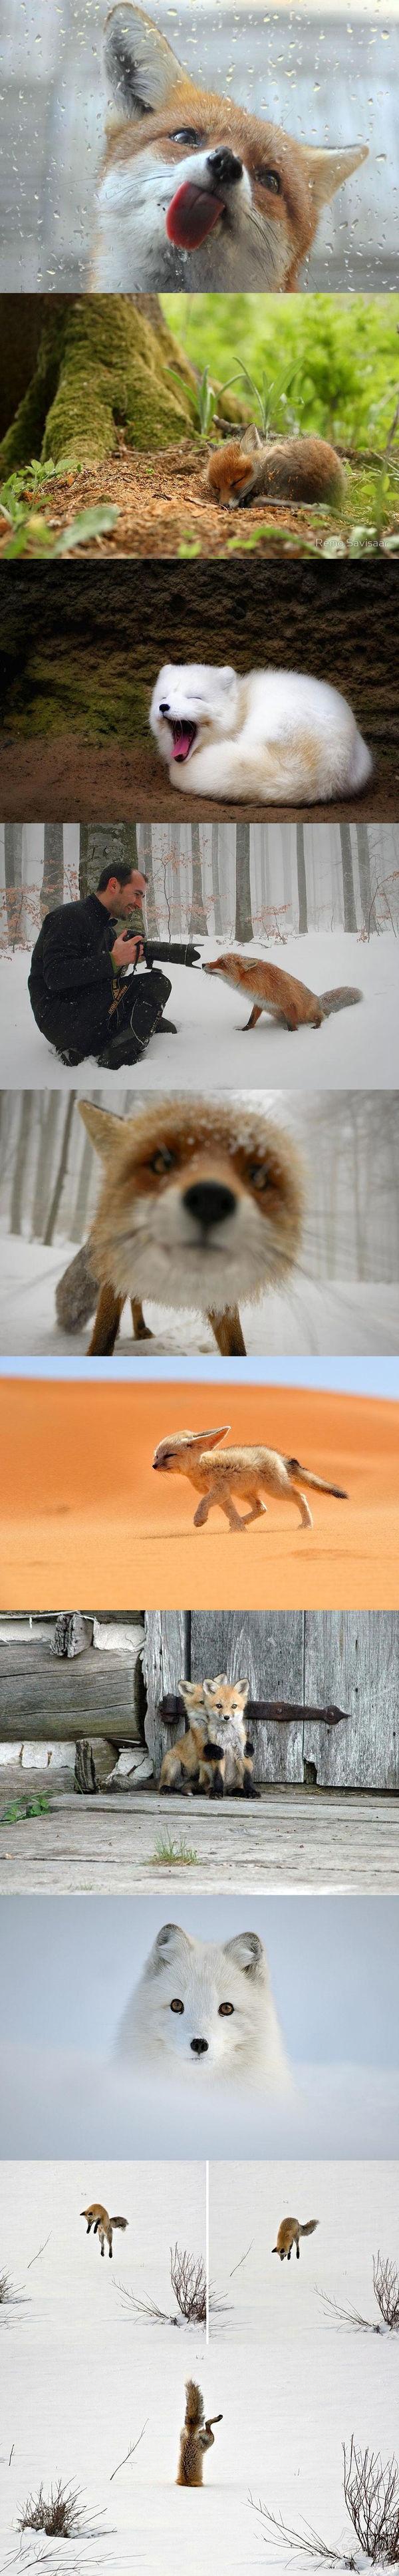 狐狸是一种比较喜欢卖萌犯二的萌物 来自摄影师镜头中的狐狸 看到最后笑喷了